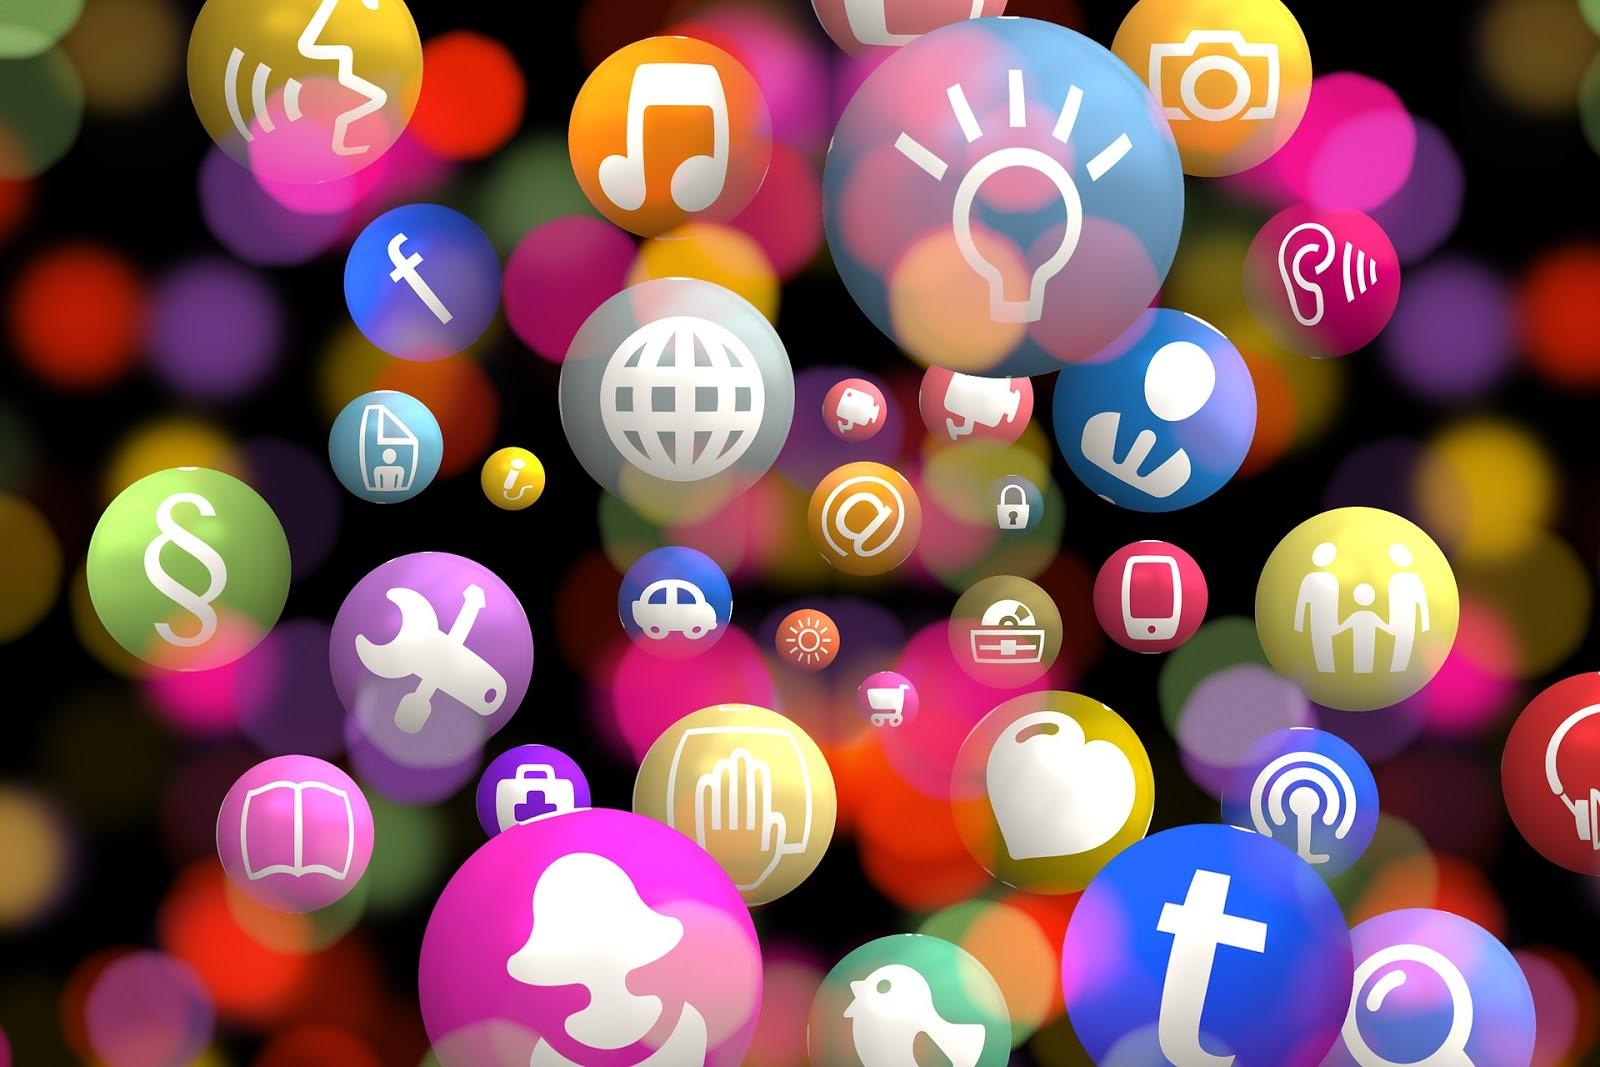 Sprawdź czy nie potrzebujesz planu komunikacji kryzysowej w mediach społecznościowych